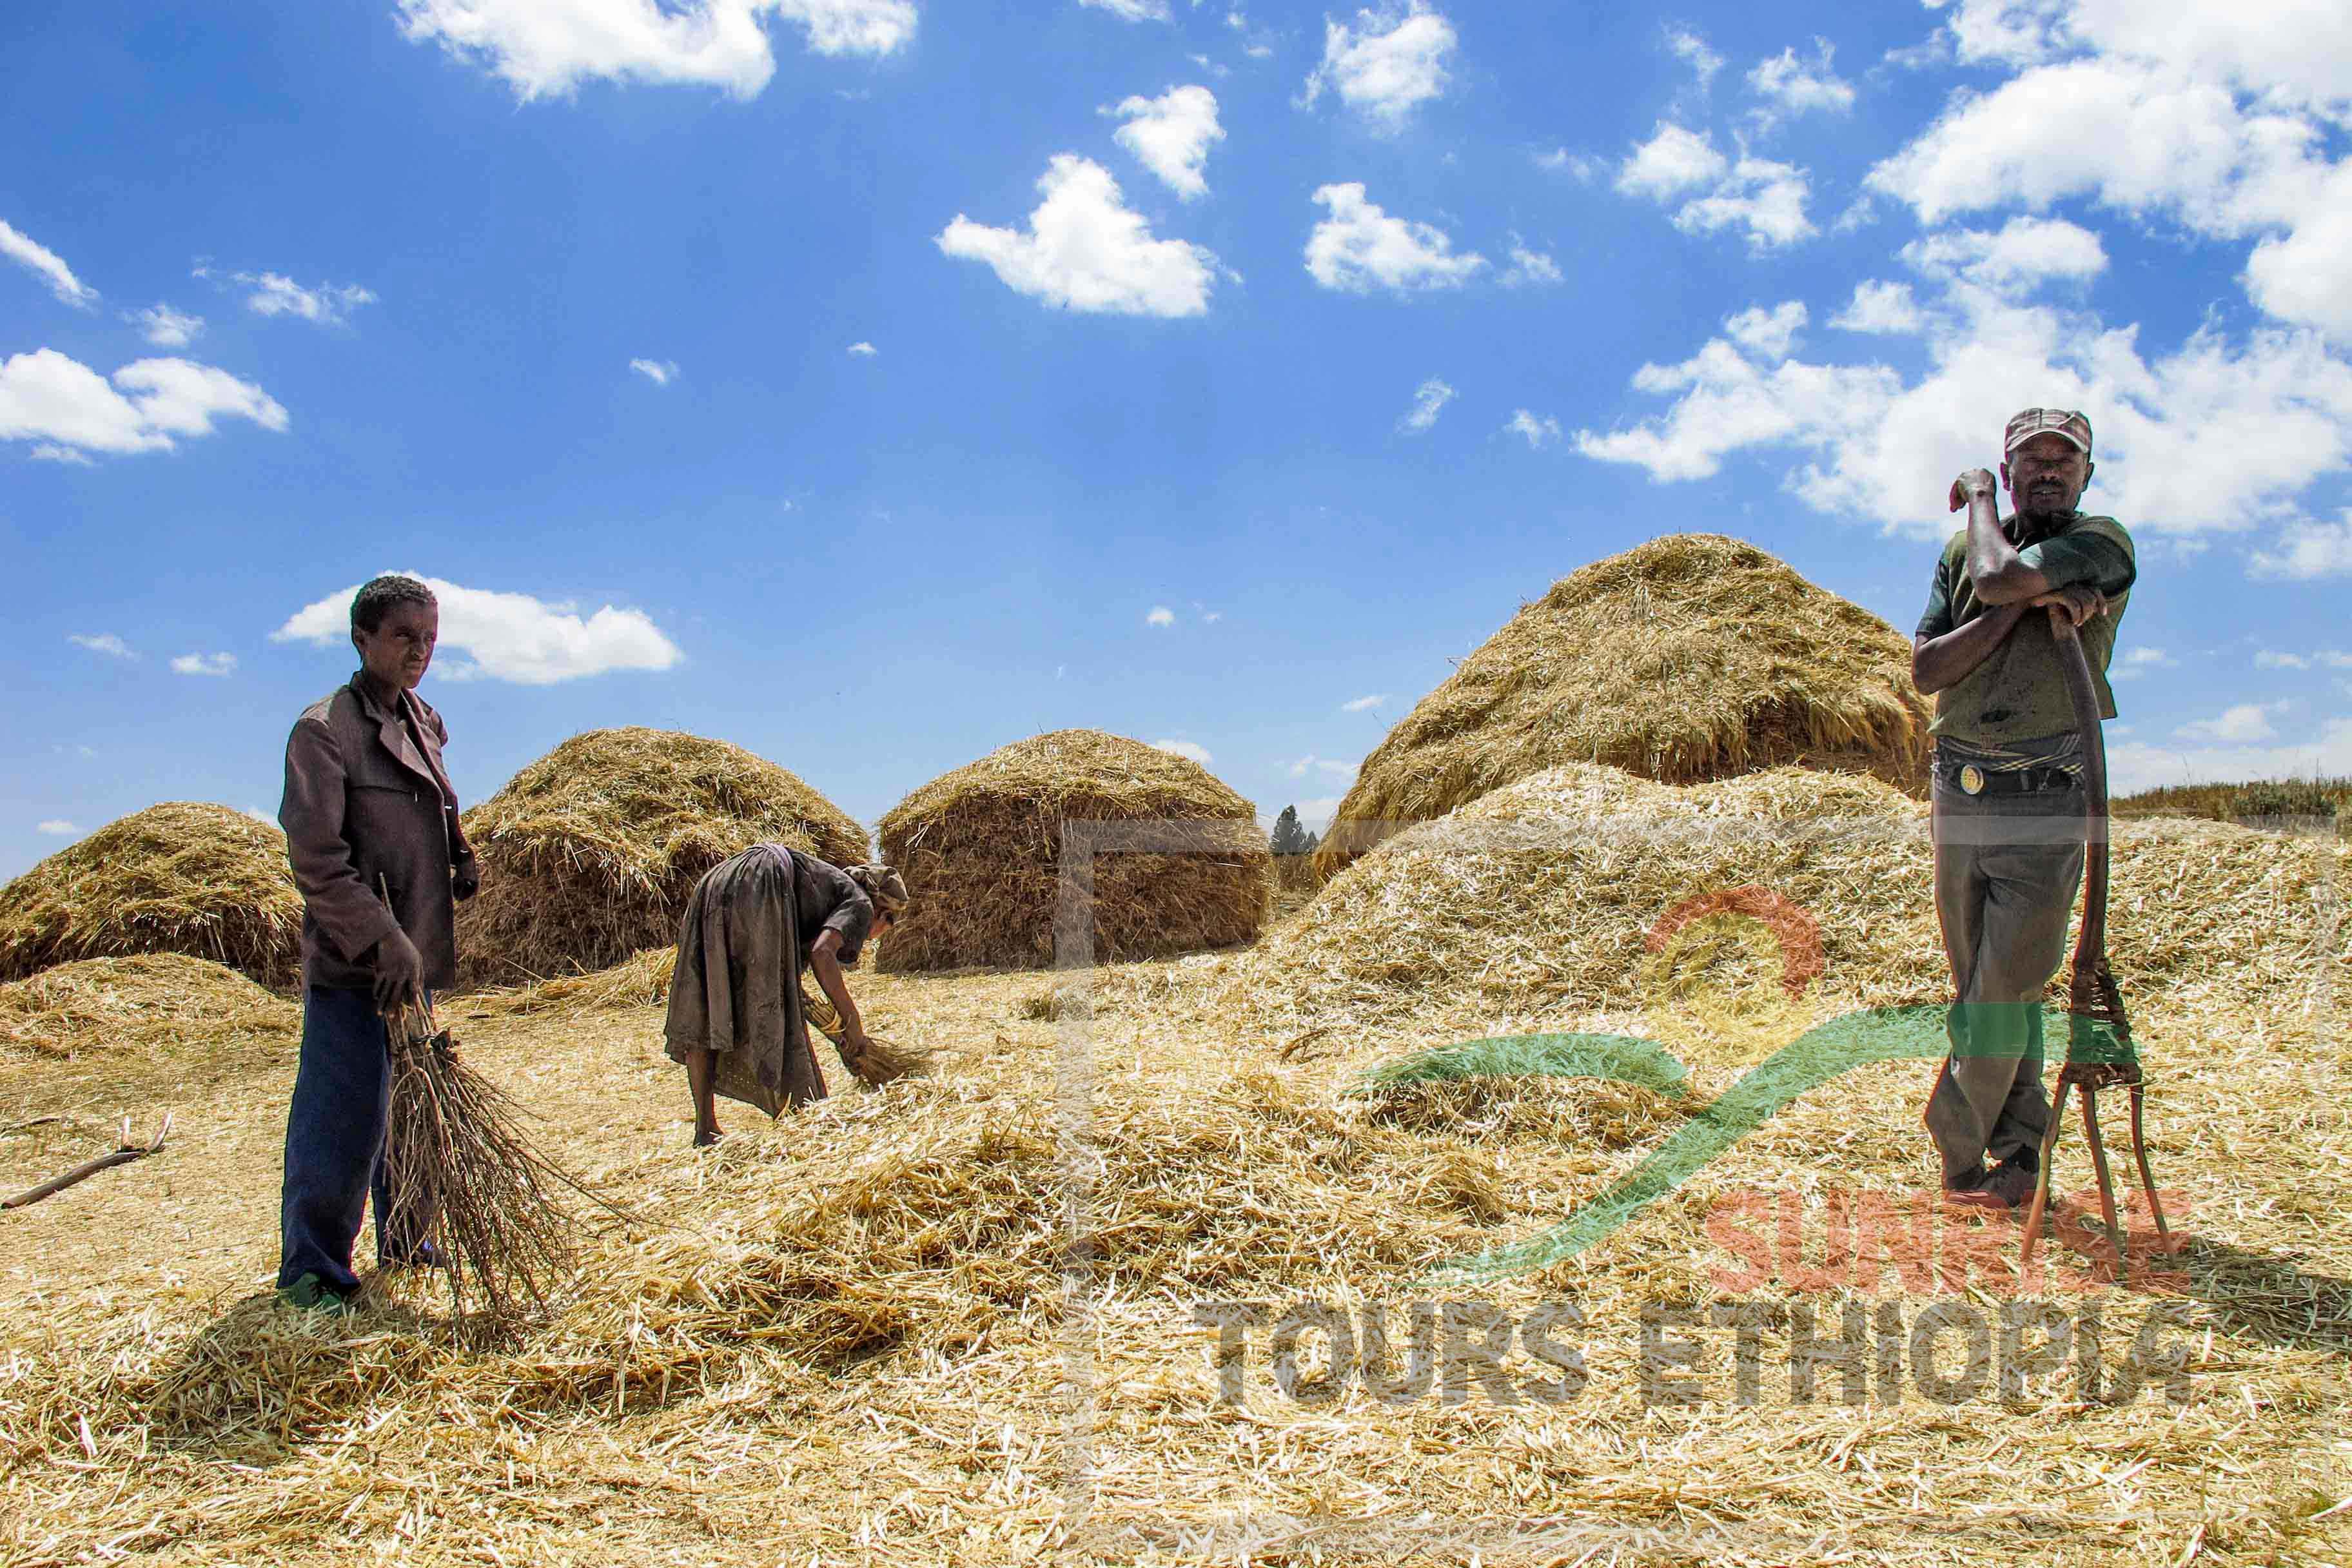 OROMO FARMERS ETHIOPIA